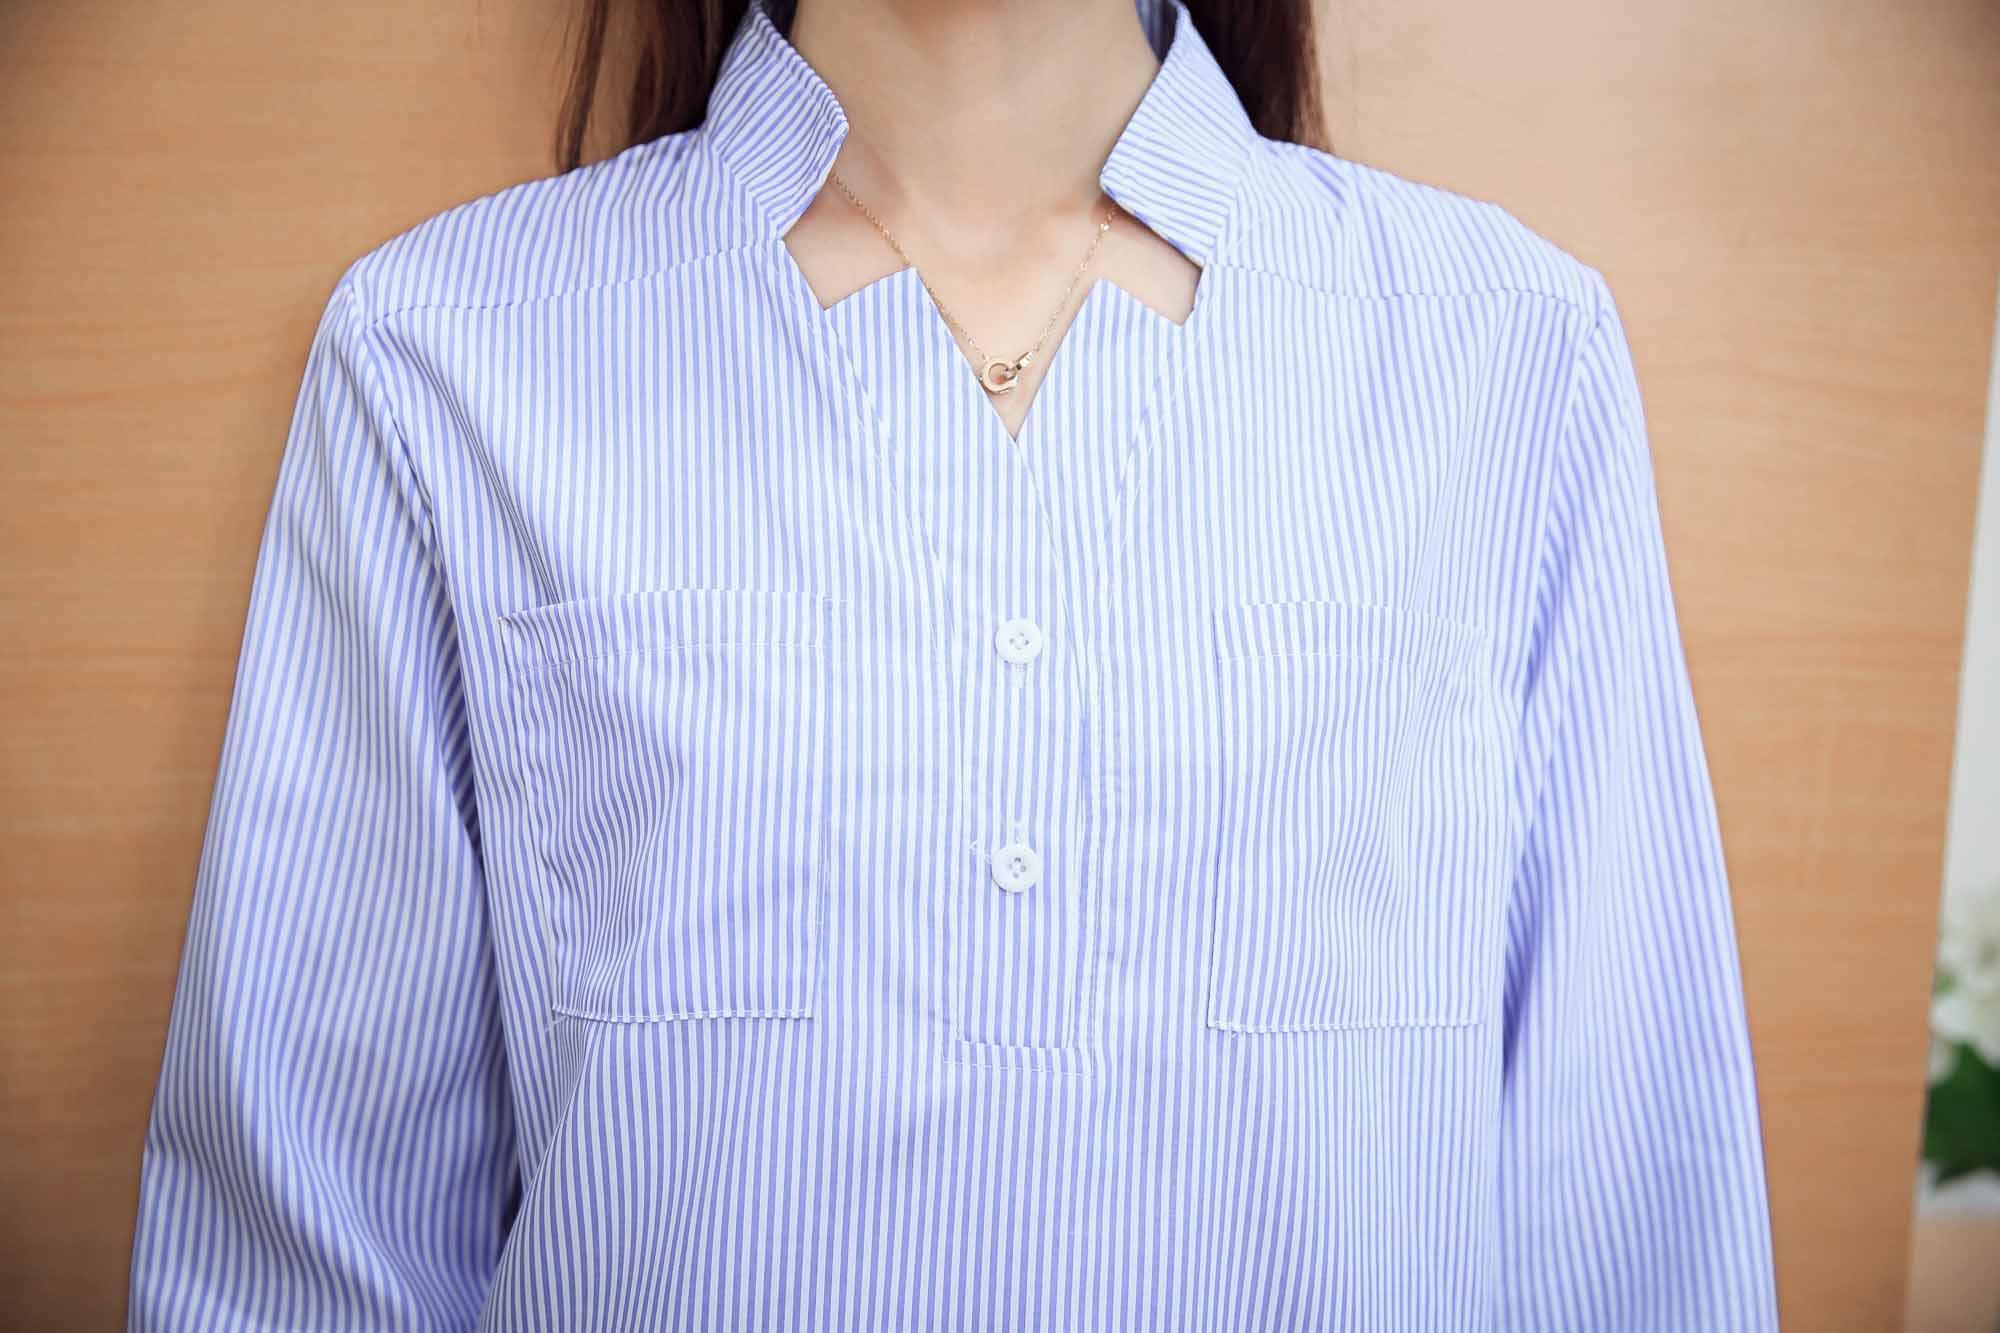 baju-atasan-garis-garis-lengan-panjang-korea